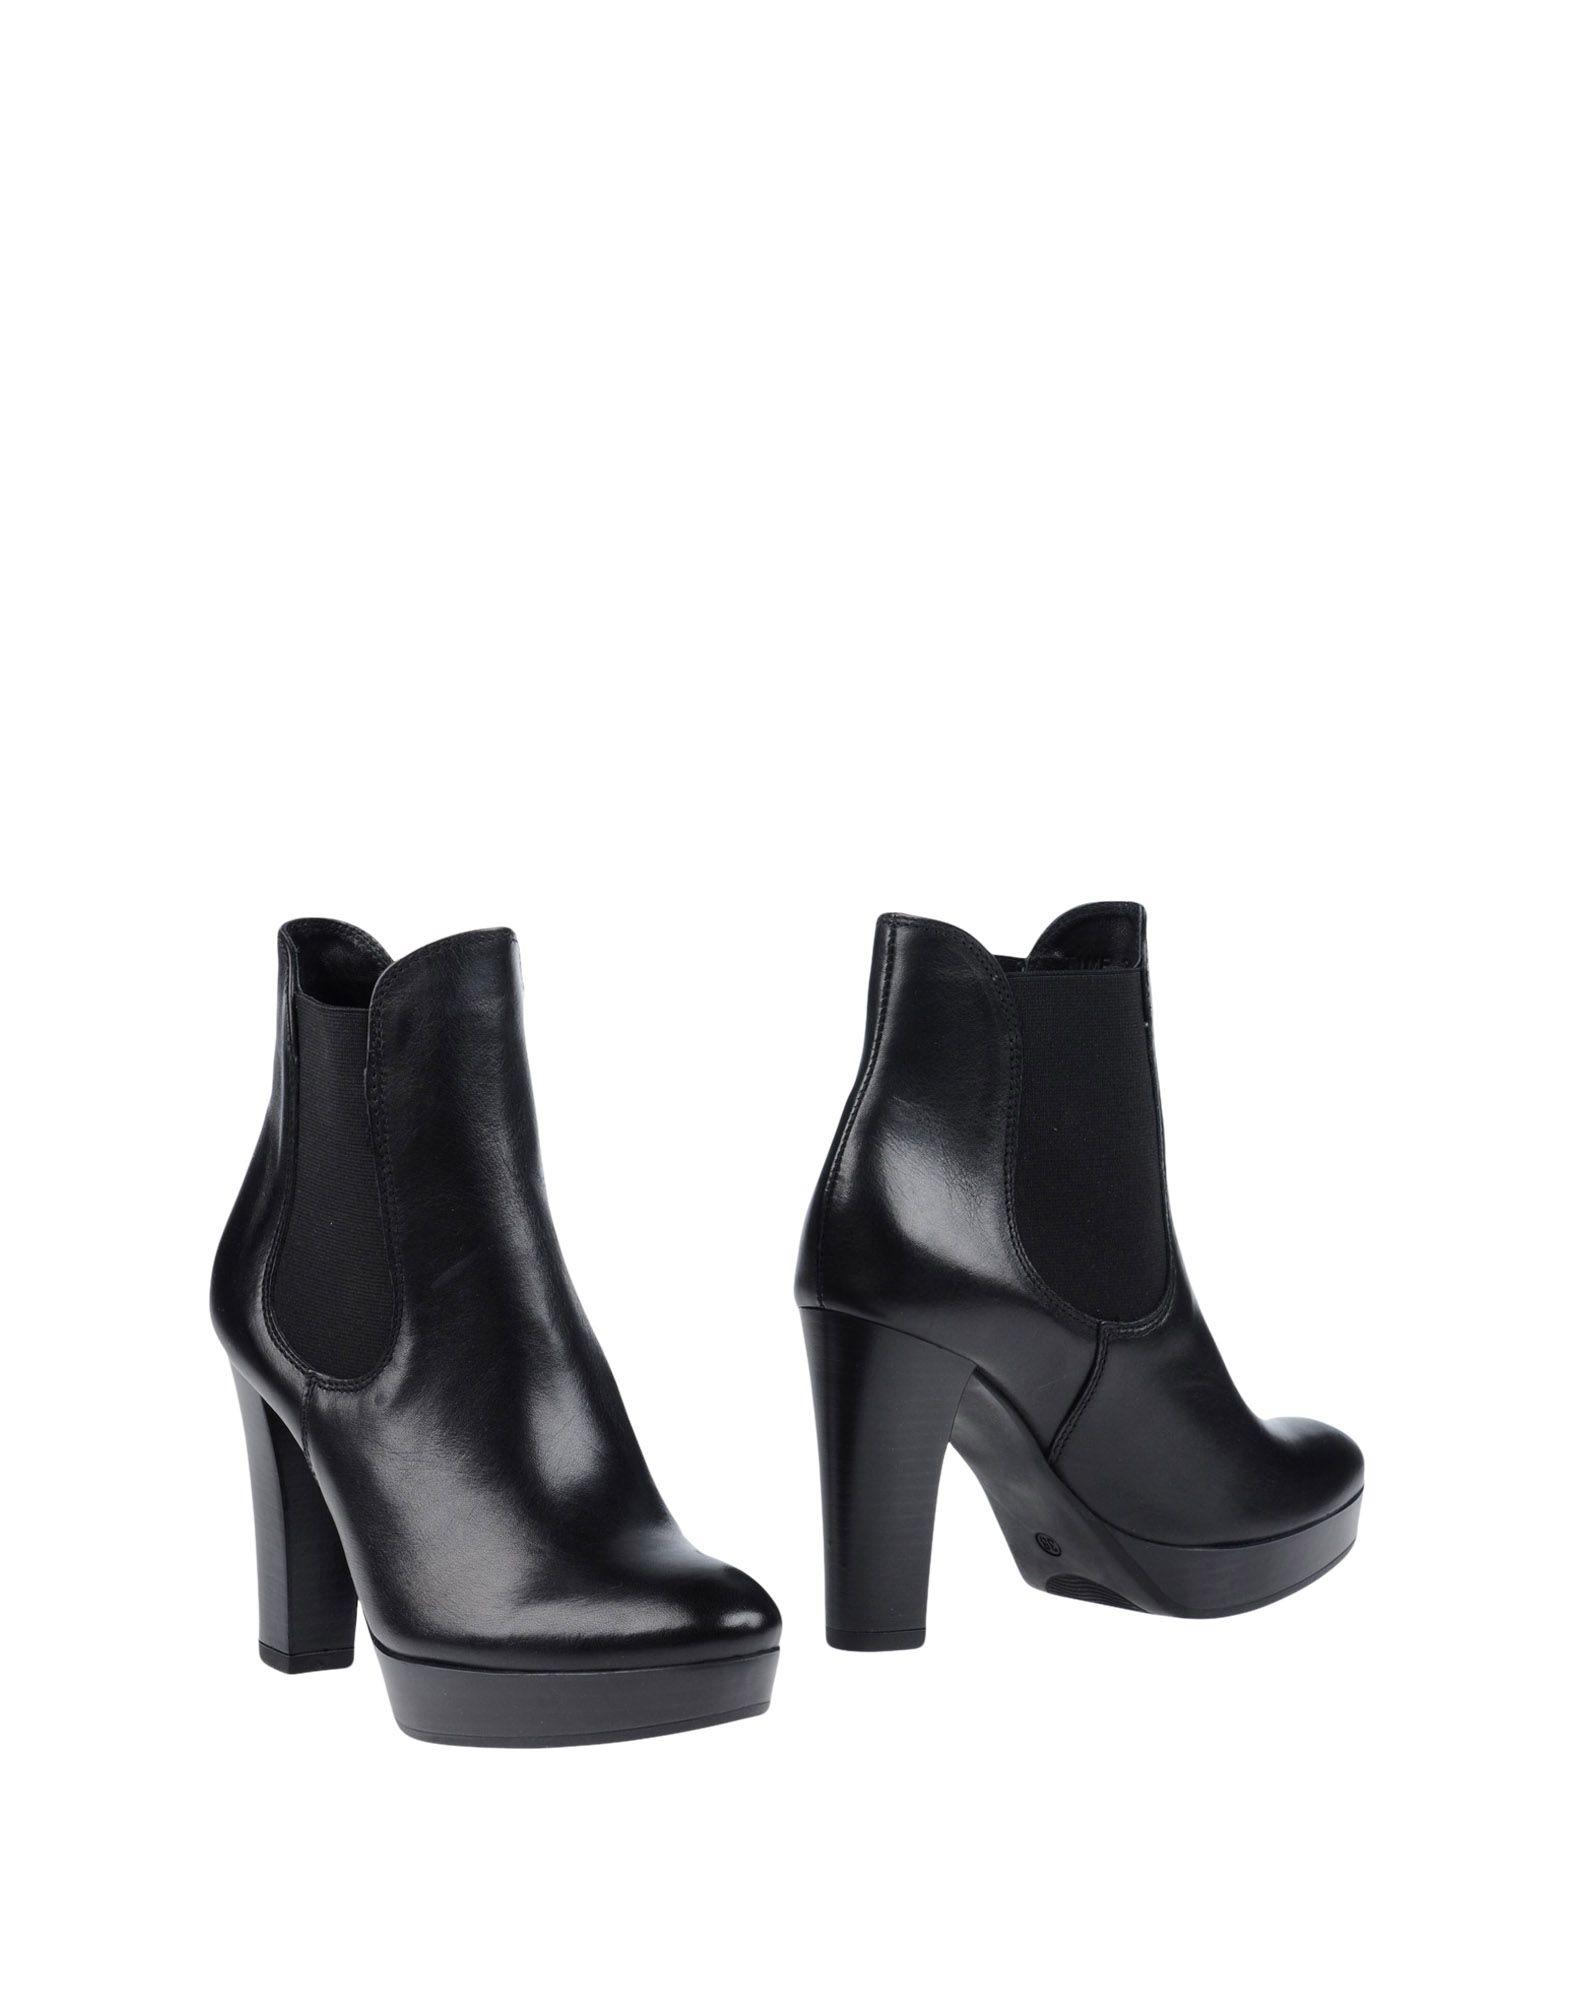 Chelsea Boots Fabbrica Deicolli Donna - 11255091FG